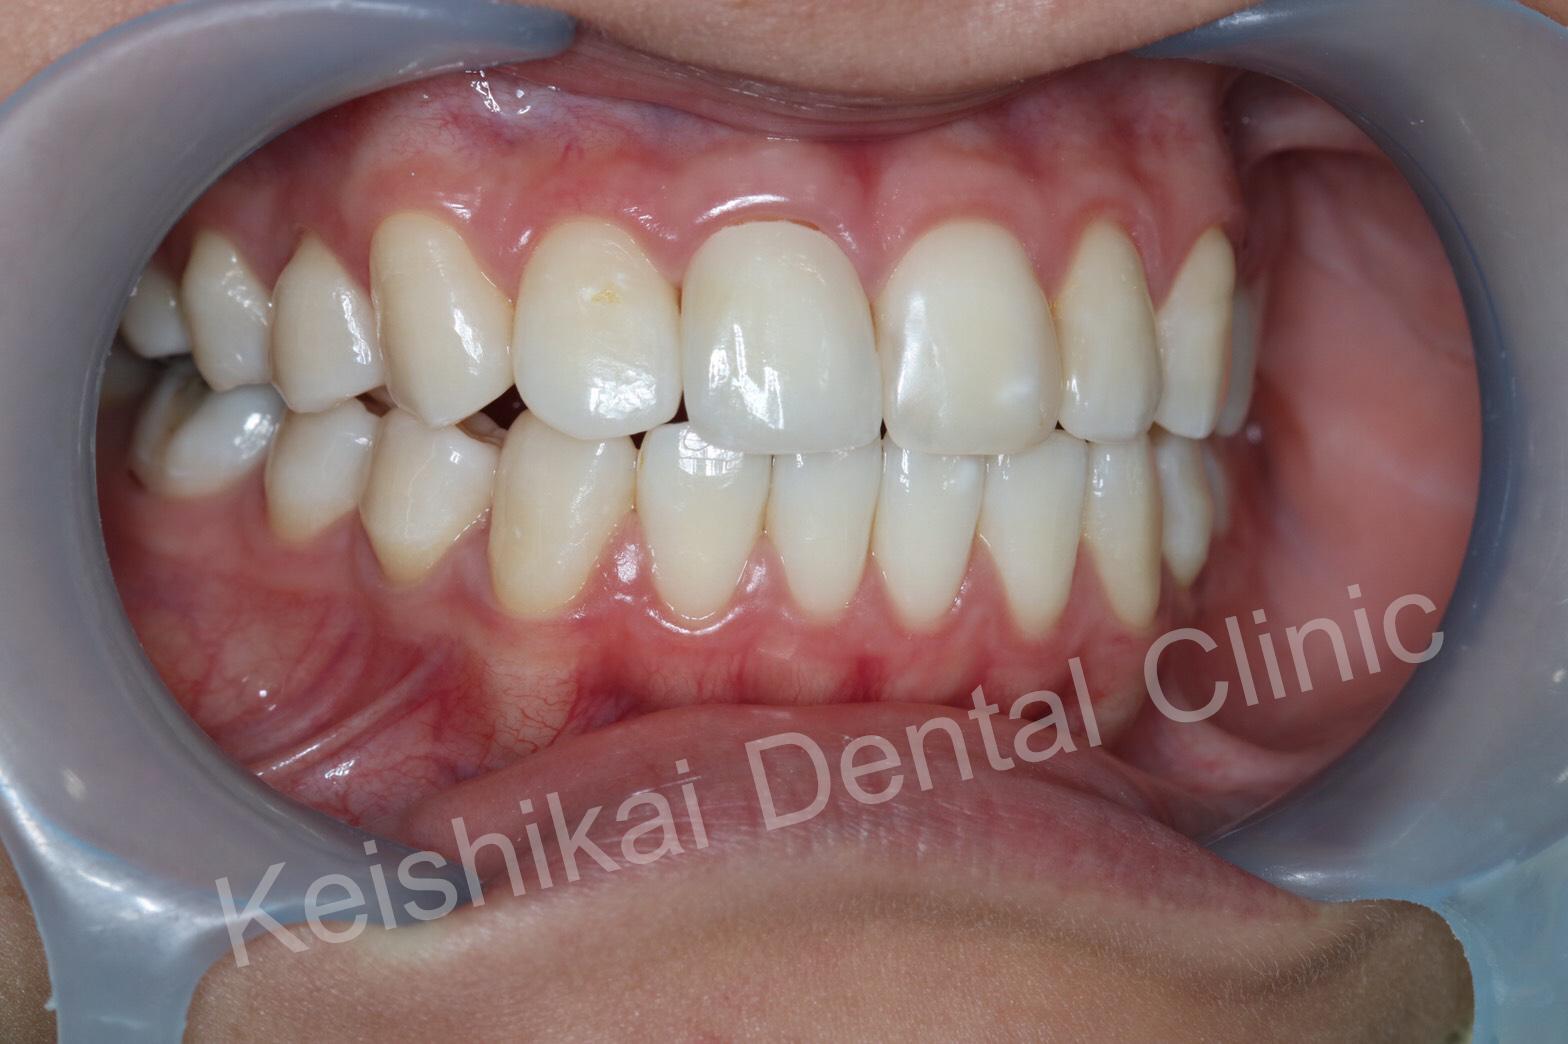 รักษารากฟันแล้วเปลี่ยนสี(Root canal treatment)ฟอกสีฟัน(bleaching)All ceramic crown (3)